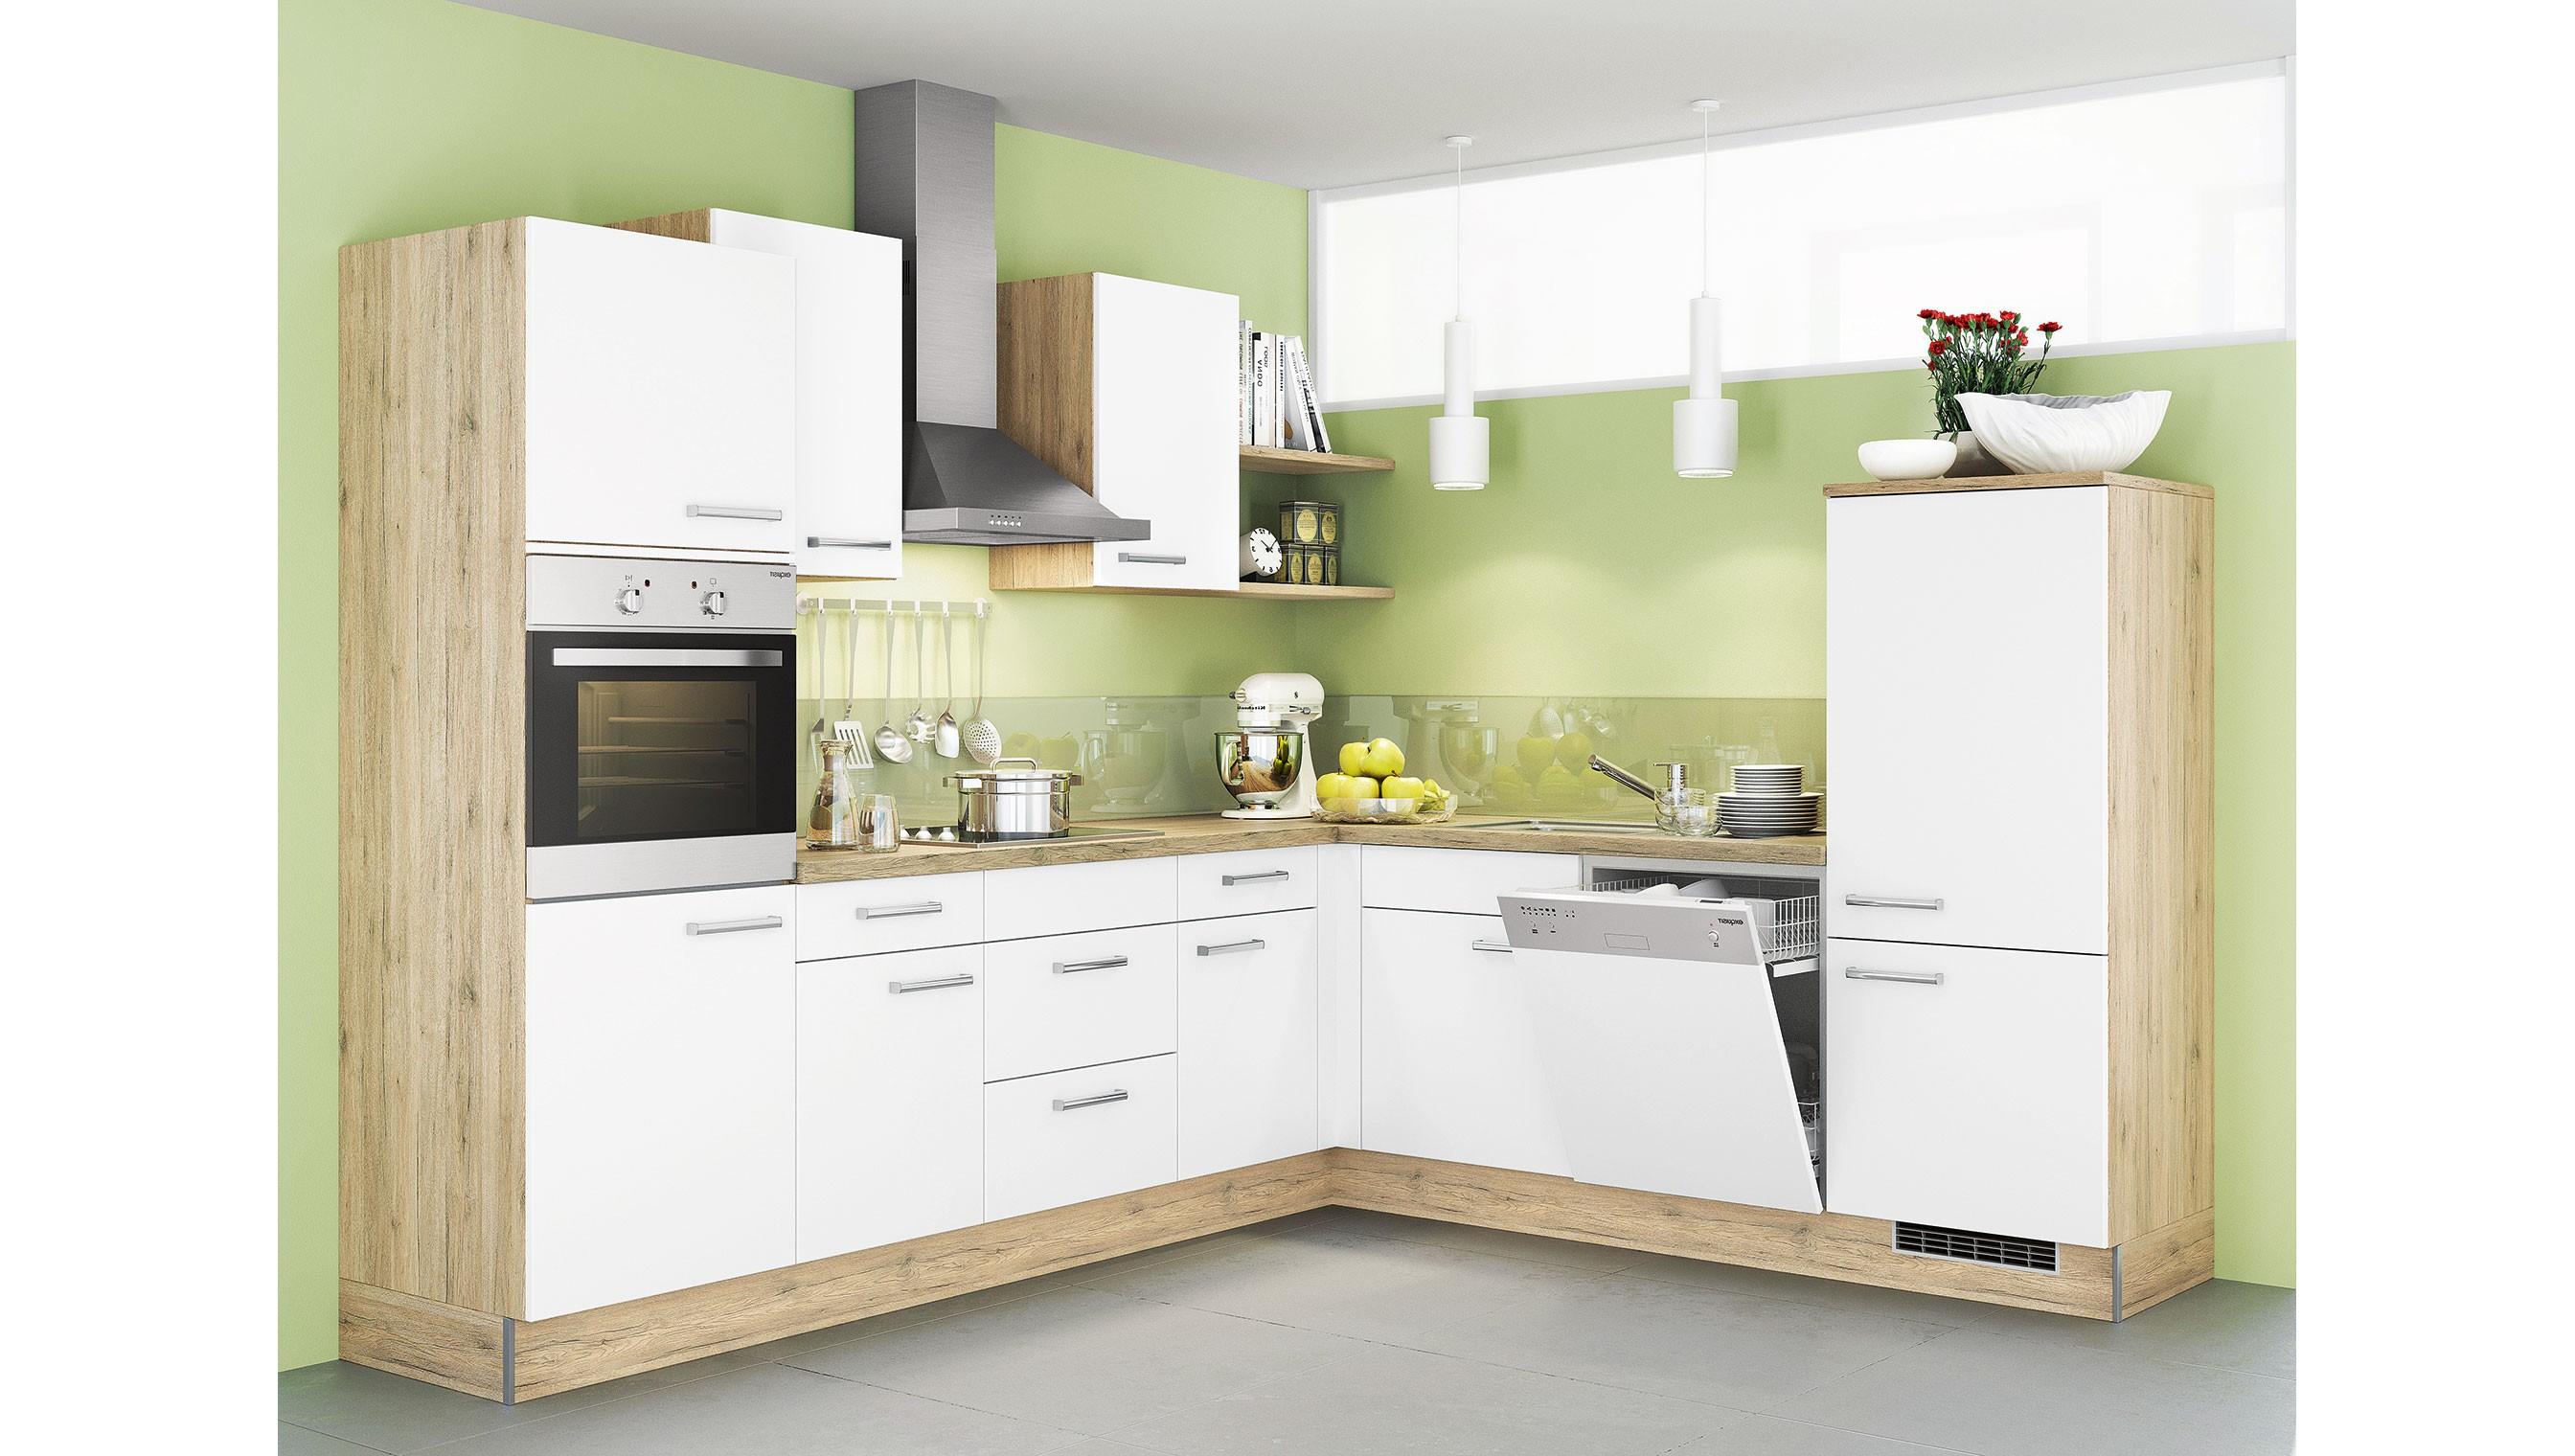 Einbauküchen • Sparmaxx Möbel • Großwallstadt & Rodgau - Spilger´s ...